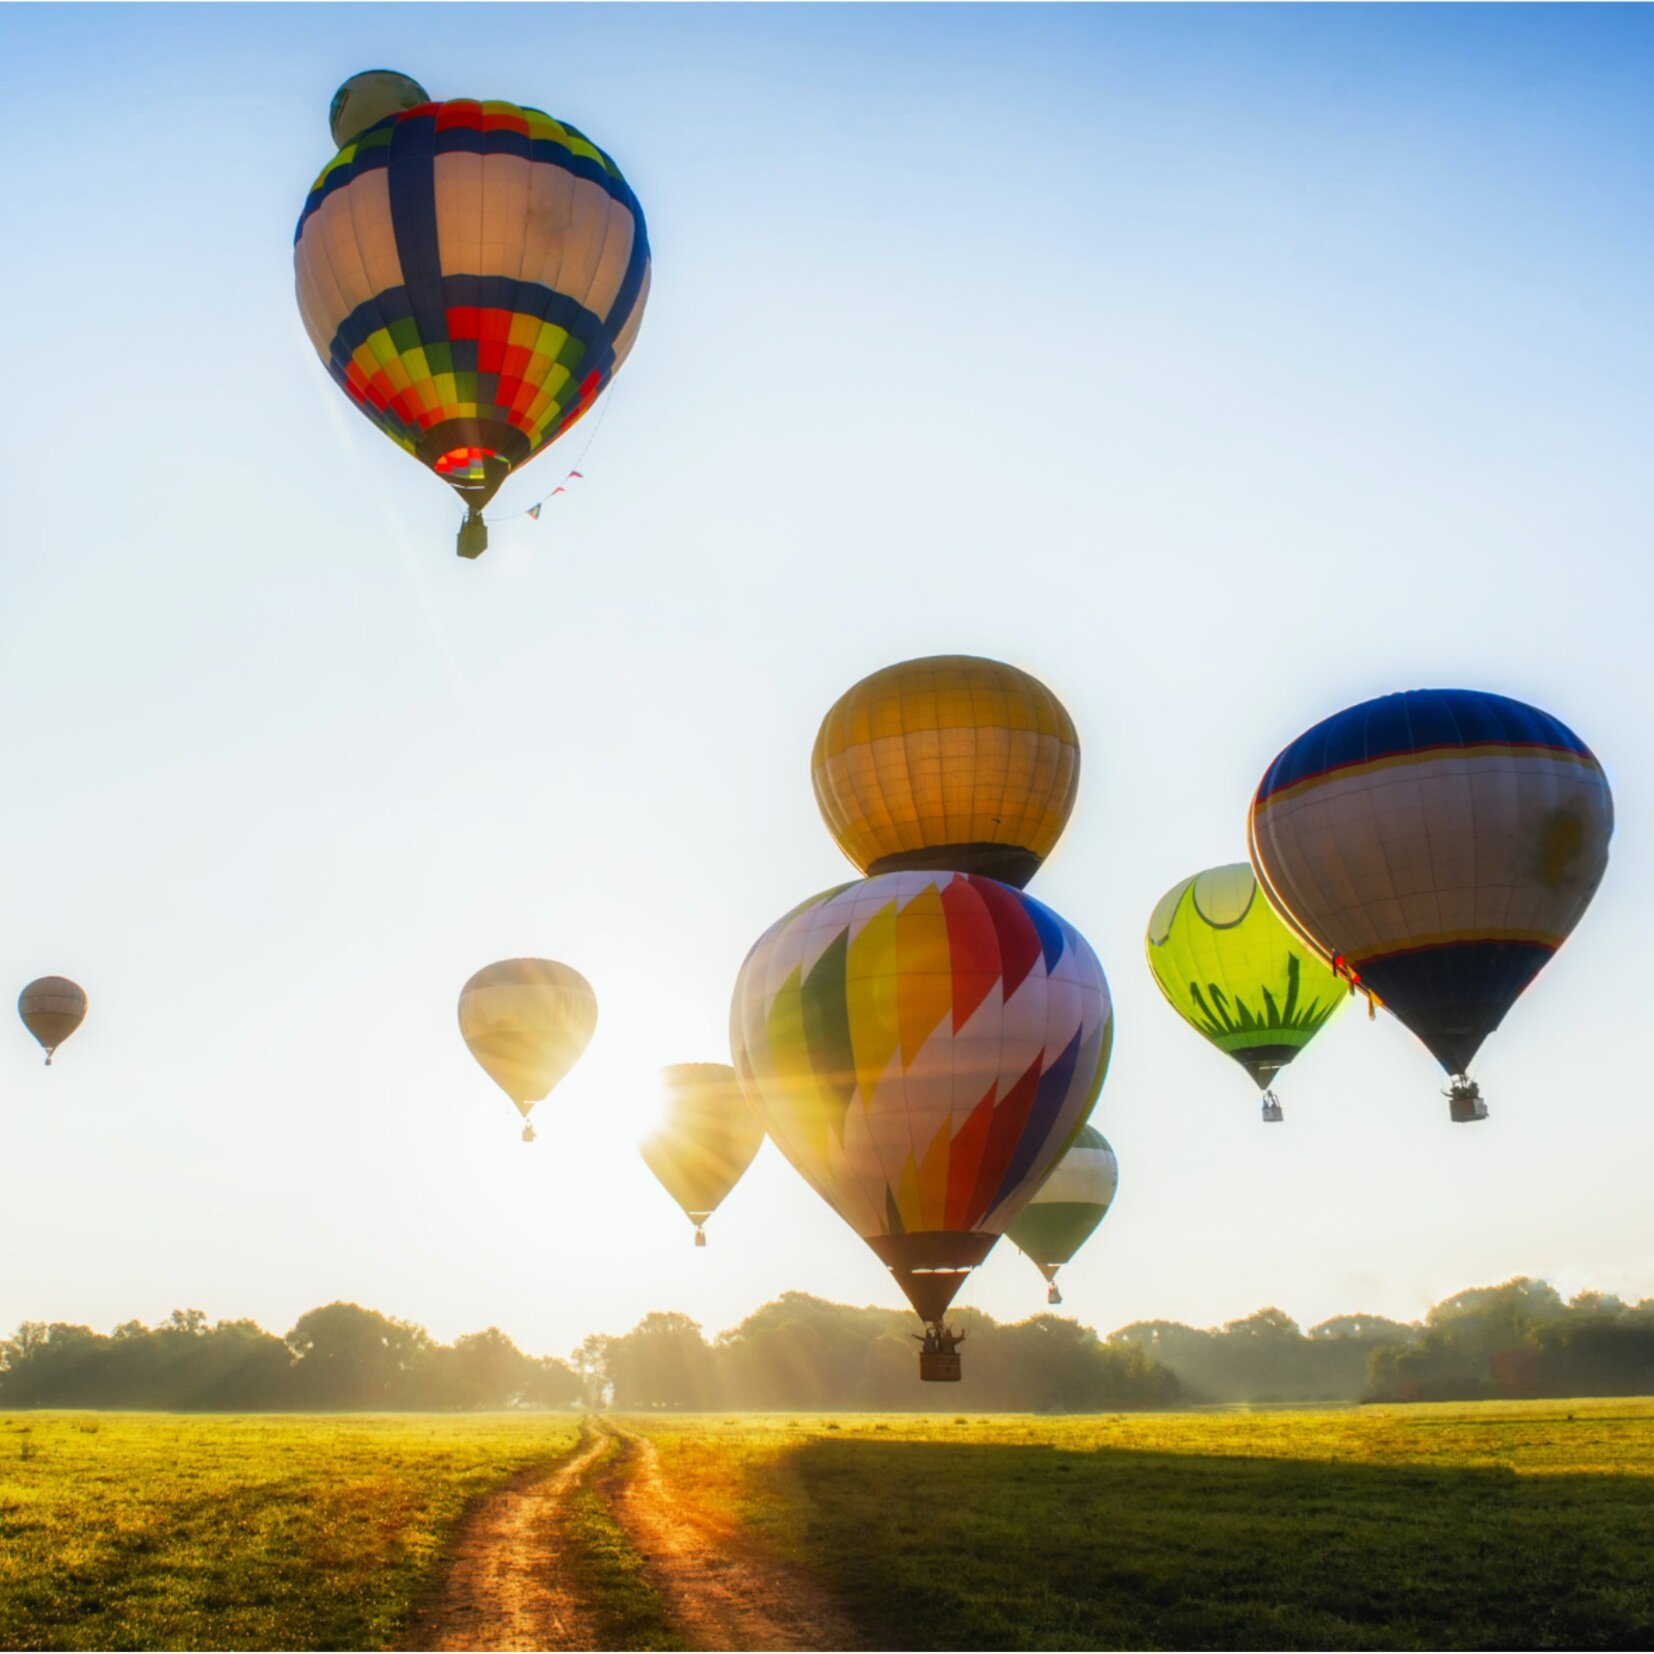 heritage-inn-international-balloon-festival.jpg